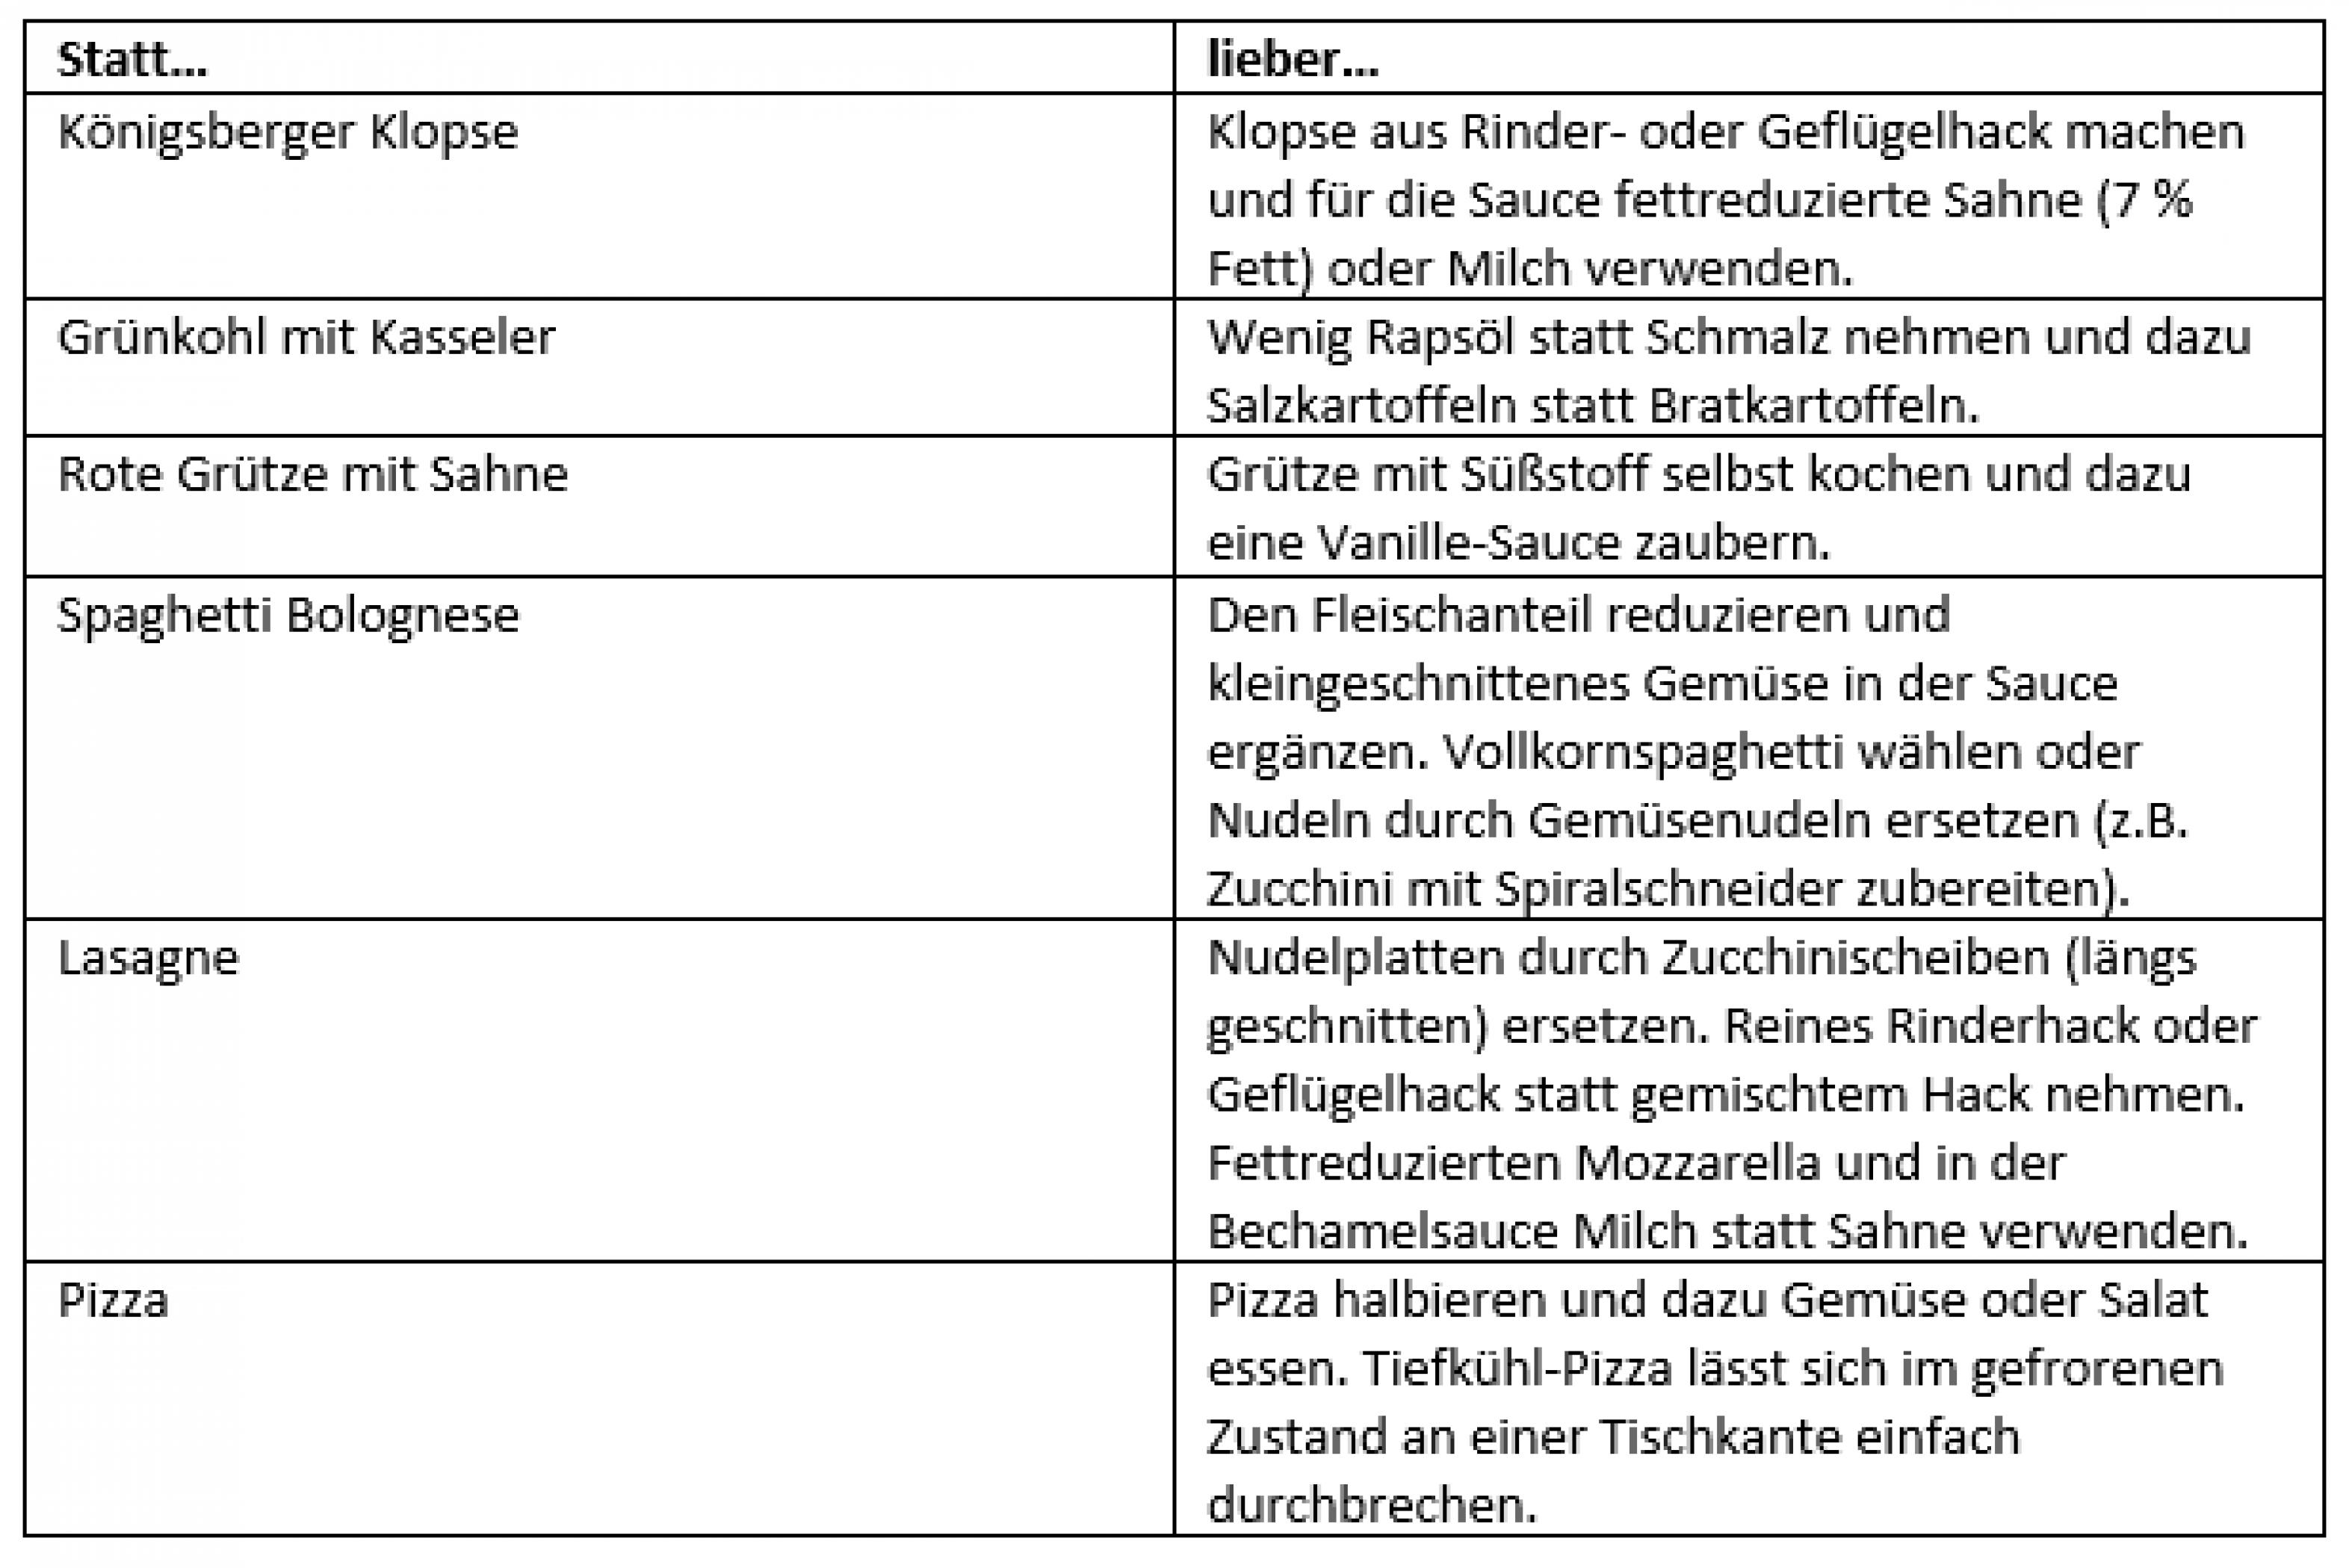 Tabelle Gesunde Alternativen zu gewohnten Gerichten